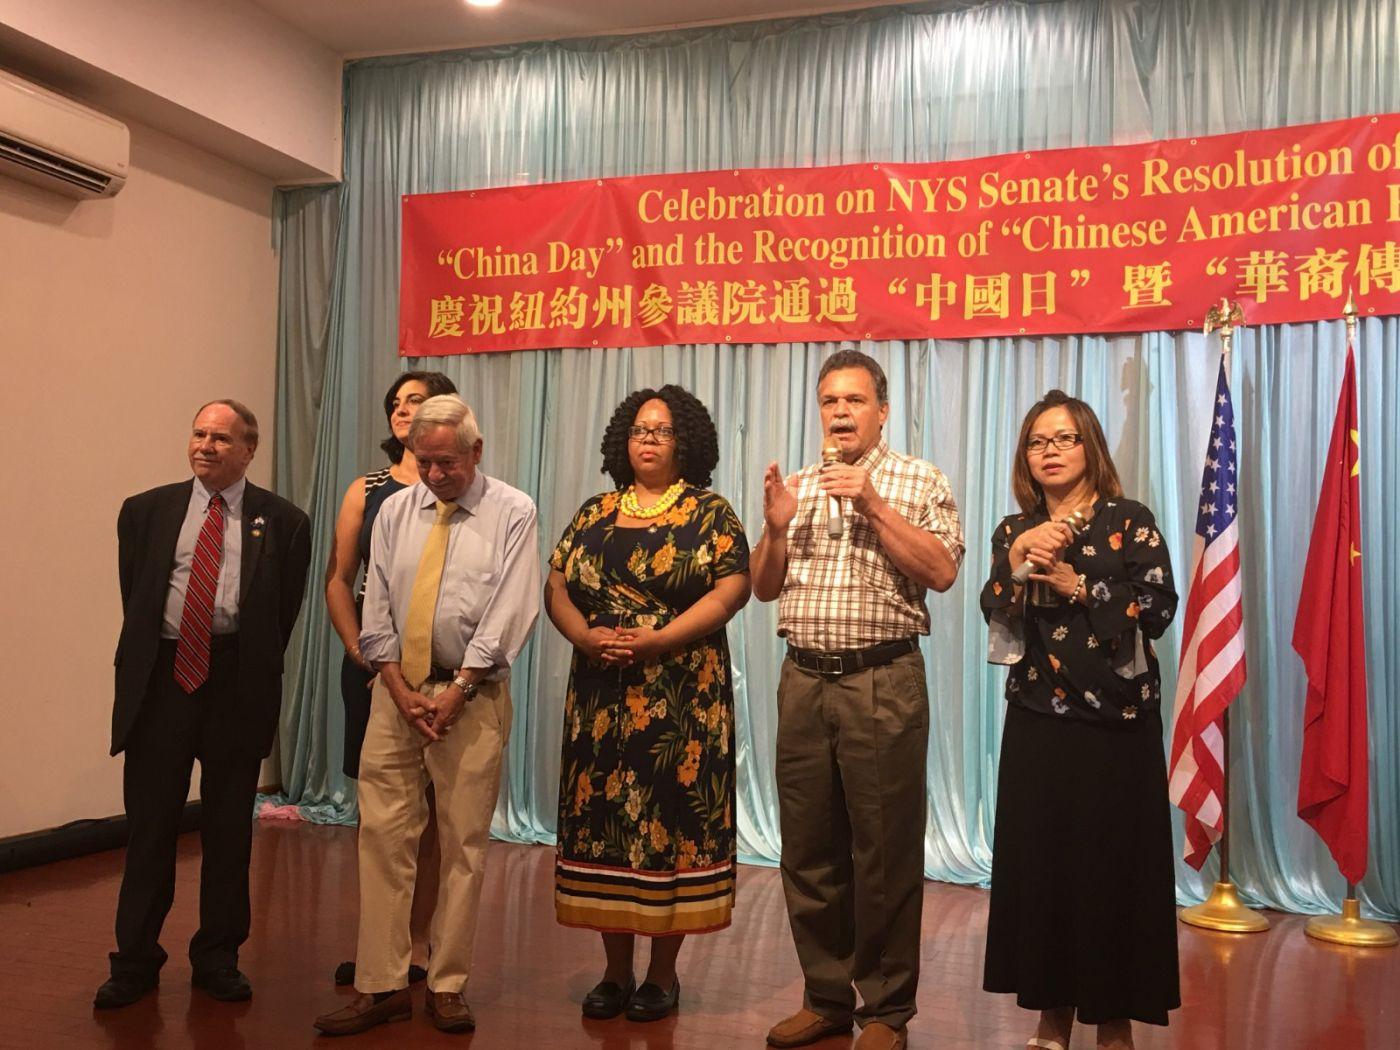 紐約州參議院通過「中國日」決議案慶祝会在紐約舉行_图1-17